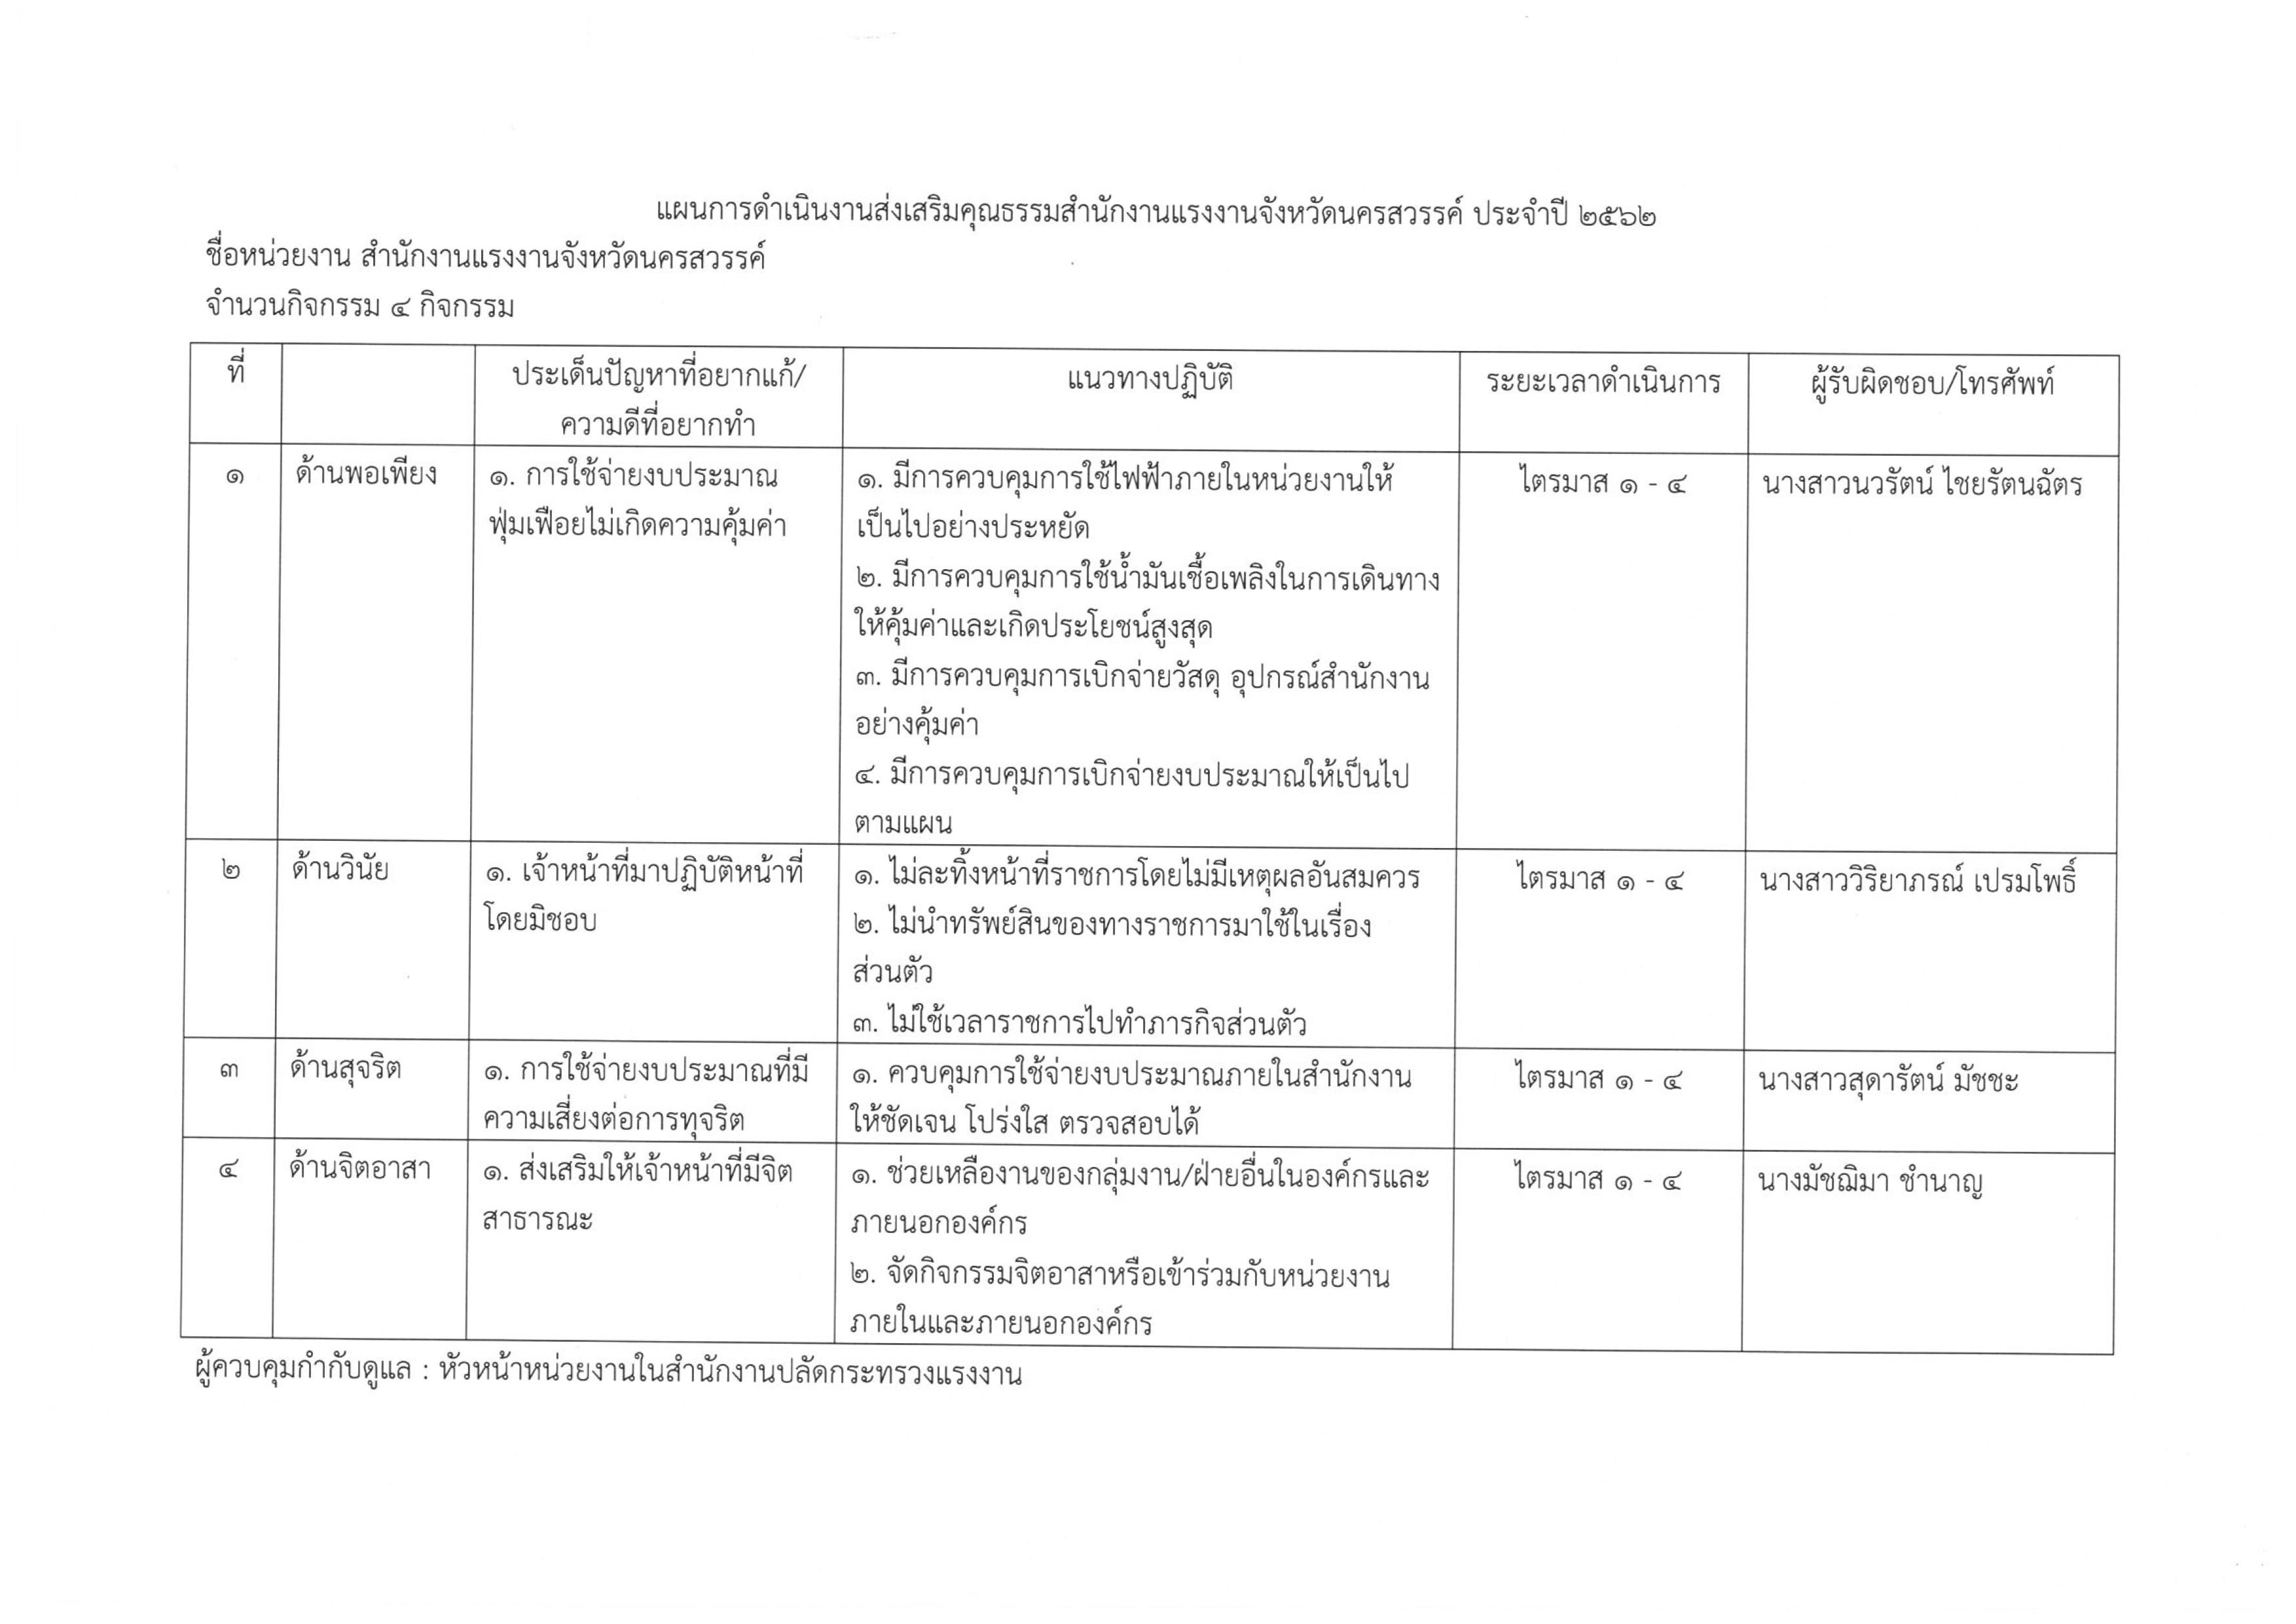 แผนการดำเนินงานส่งเสริมคุณธรรมสำนักงานแรงงานจังหวัดนครสวรรค์ ประจำปี 2562